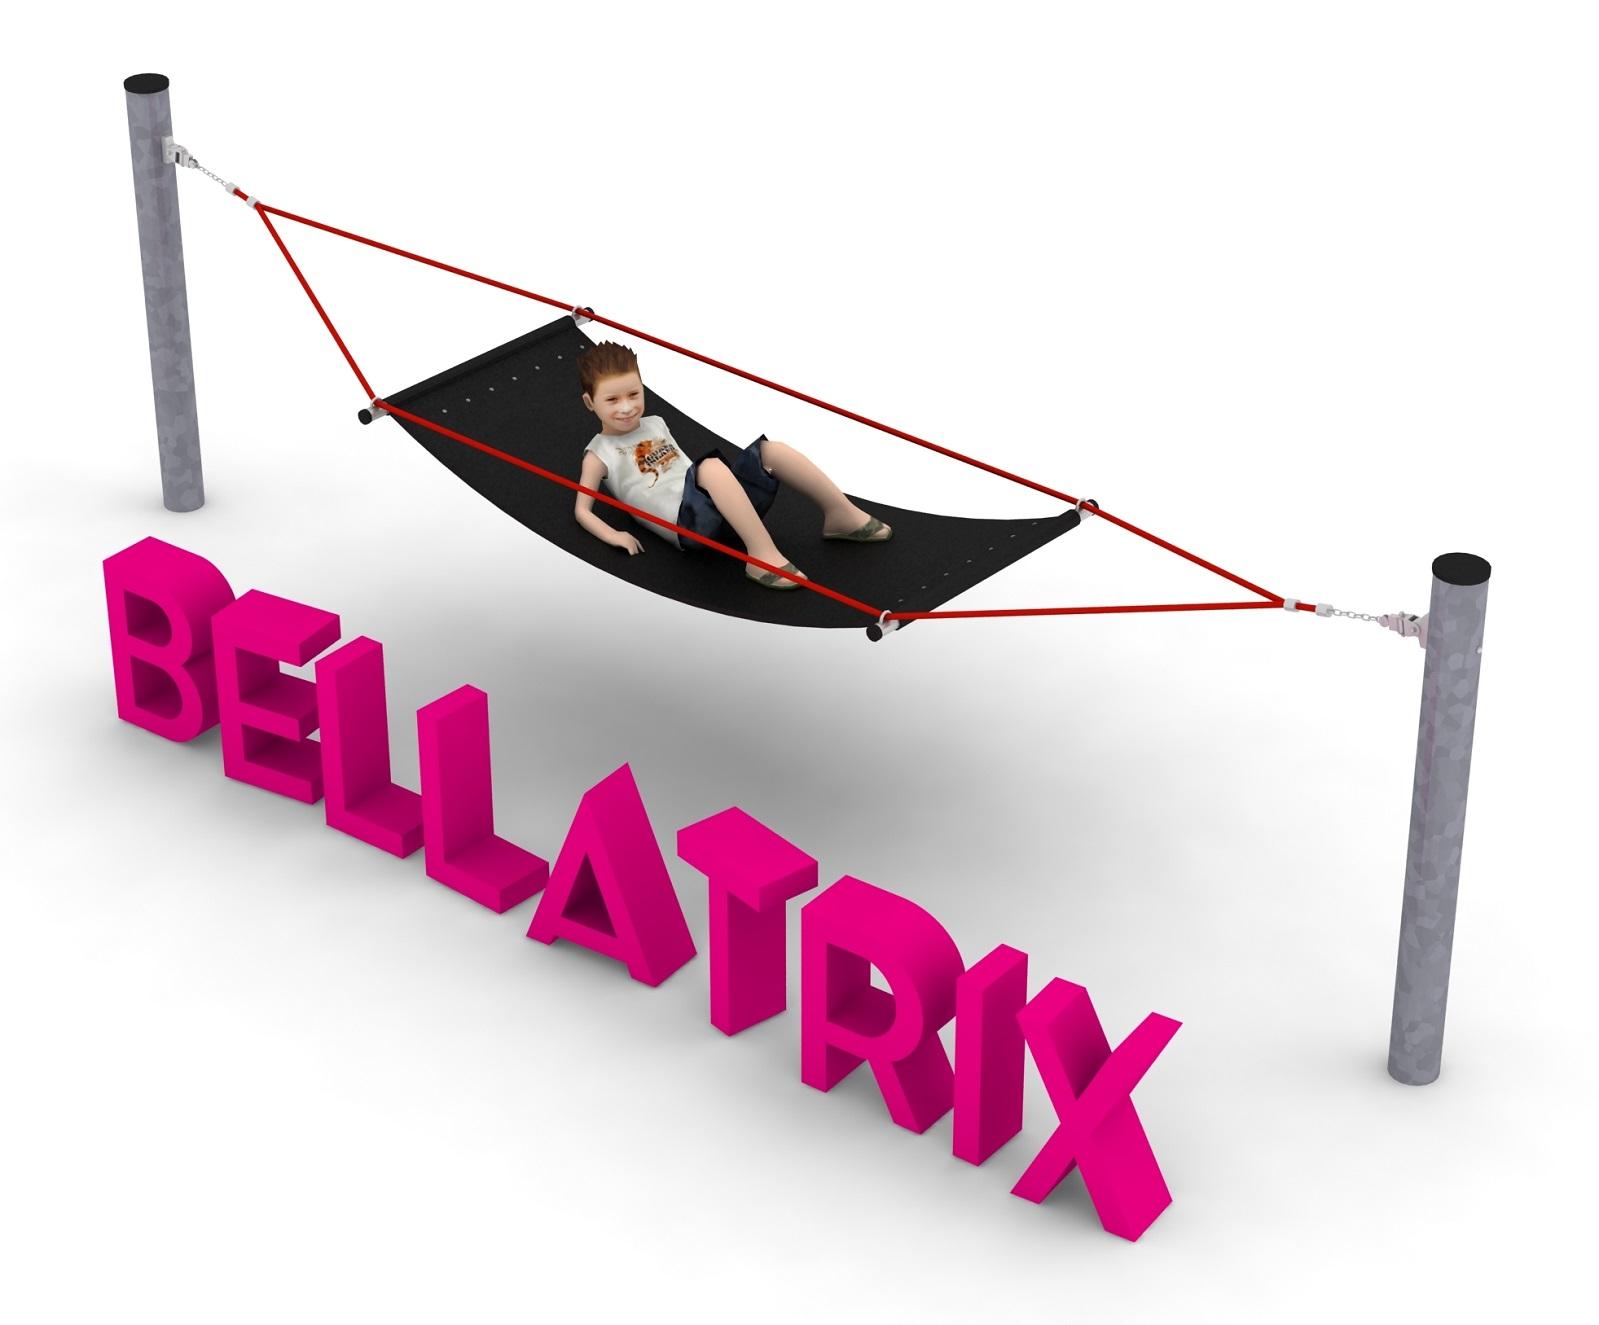 Pojedyncze urządzenie linowe Bellatrix dla placów zabaw - Magicnets